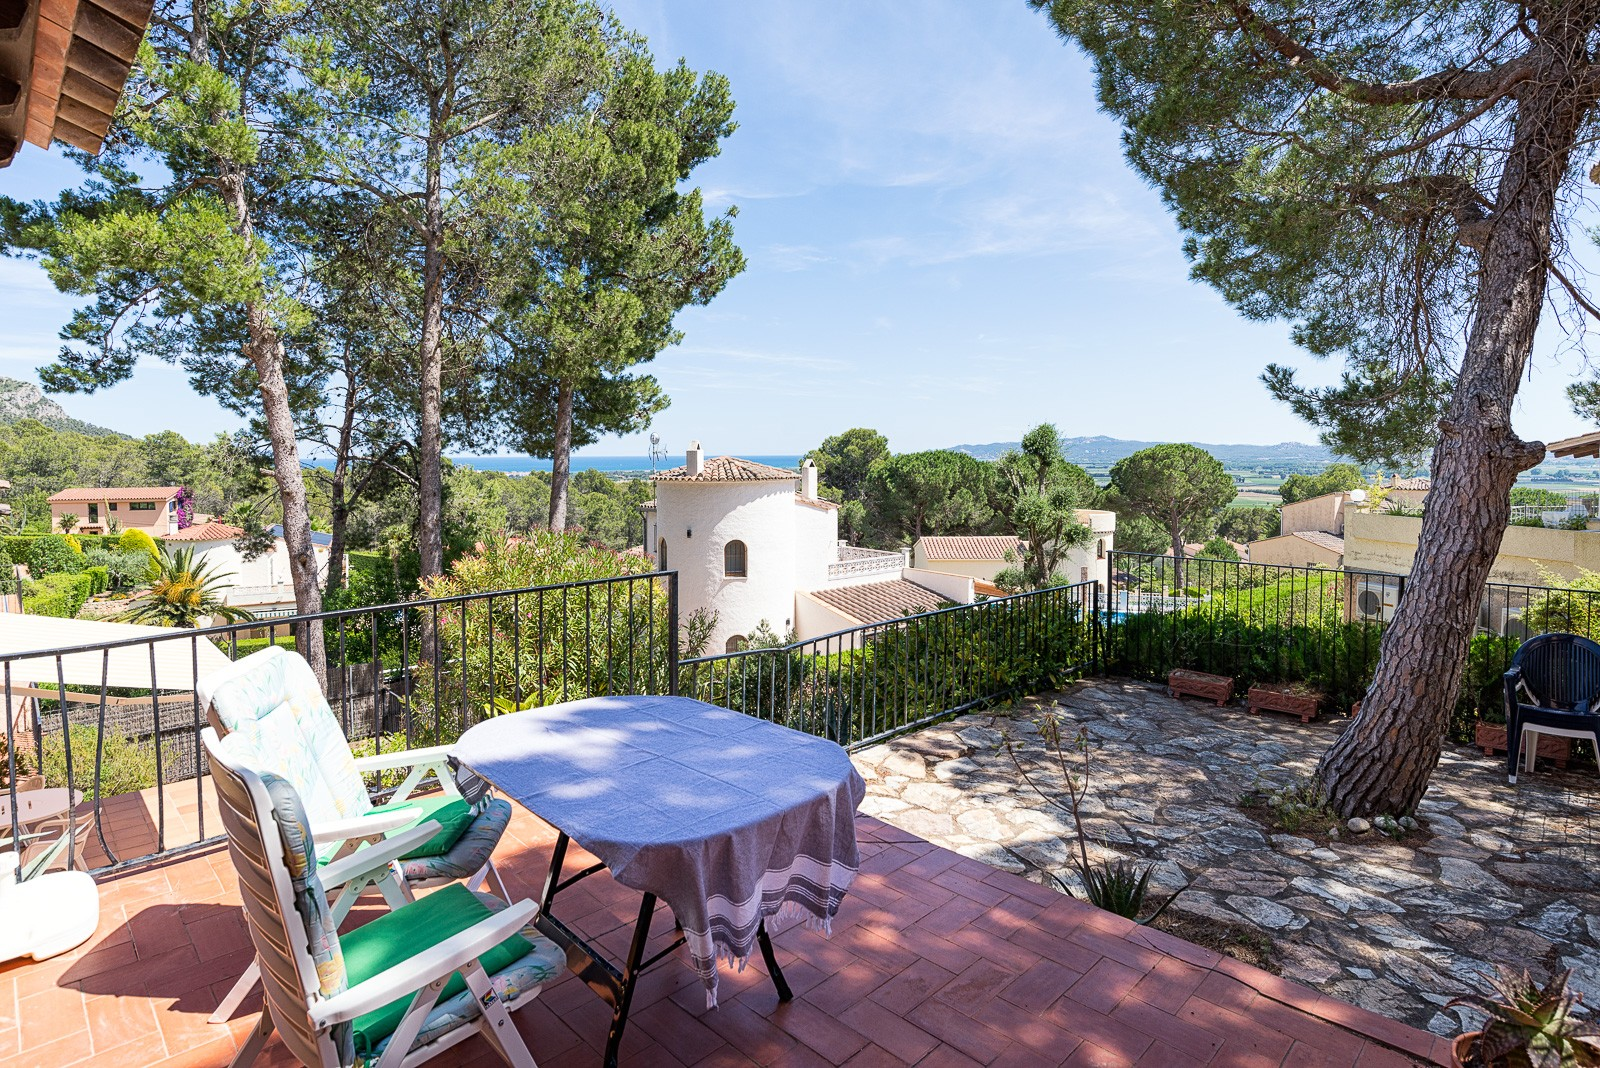 TORRE VELLA 156 for 4 guests in L Estartit, Spanien